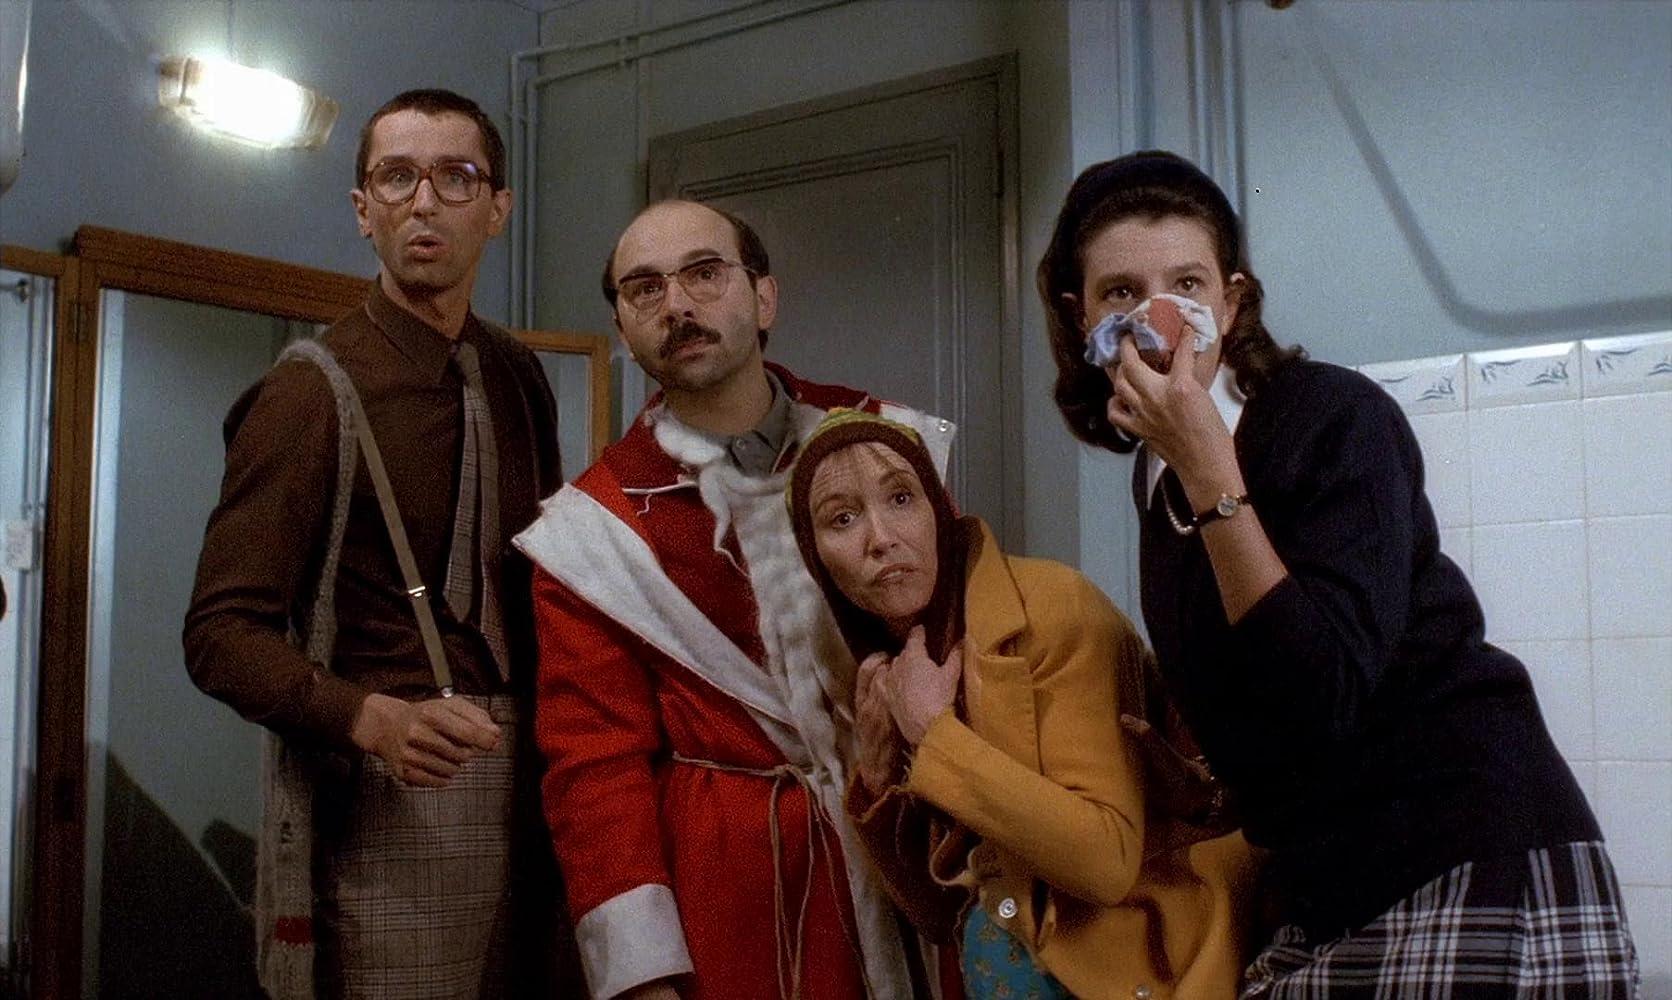 Anémone, Marie-Anne Chazel, Gérard Jugnot, and Thierry Lhermitte in Le père Noël est une ordure (1982)